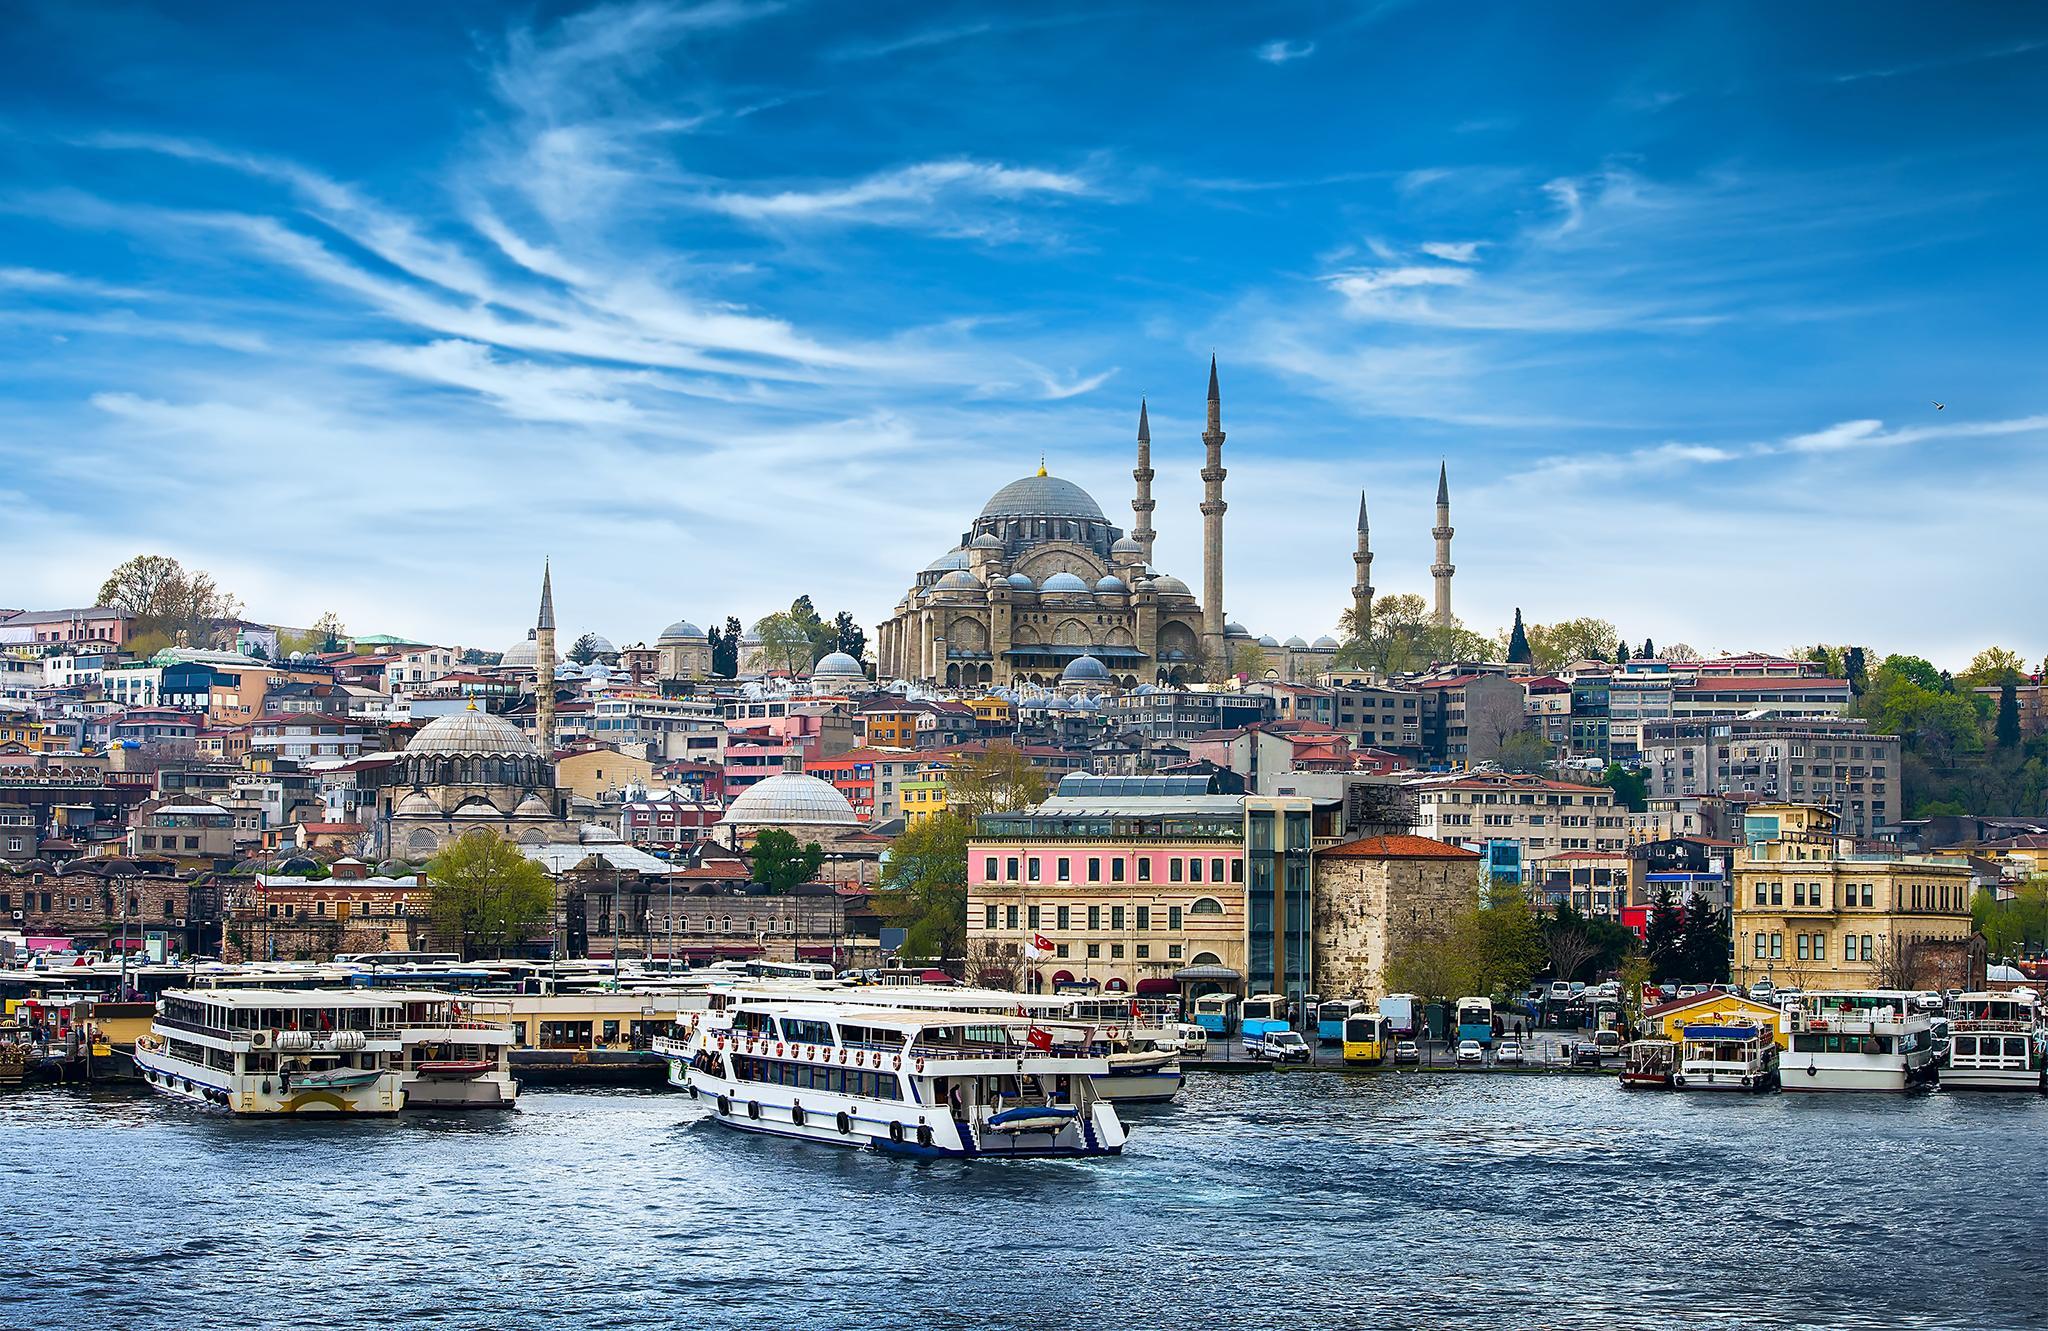 blue mosque dan kapal yang sedang berlayar di selat bosphorus, turki